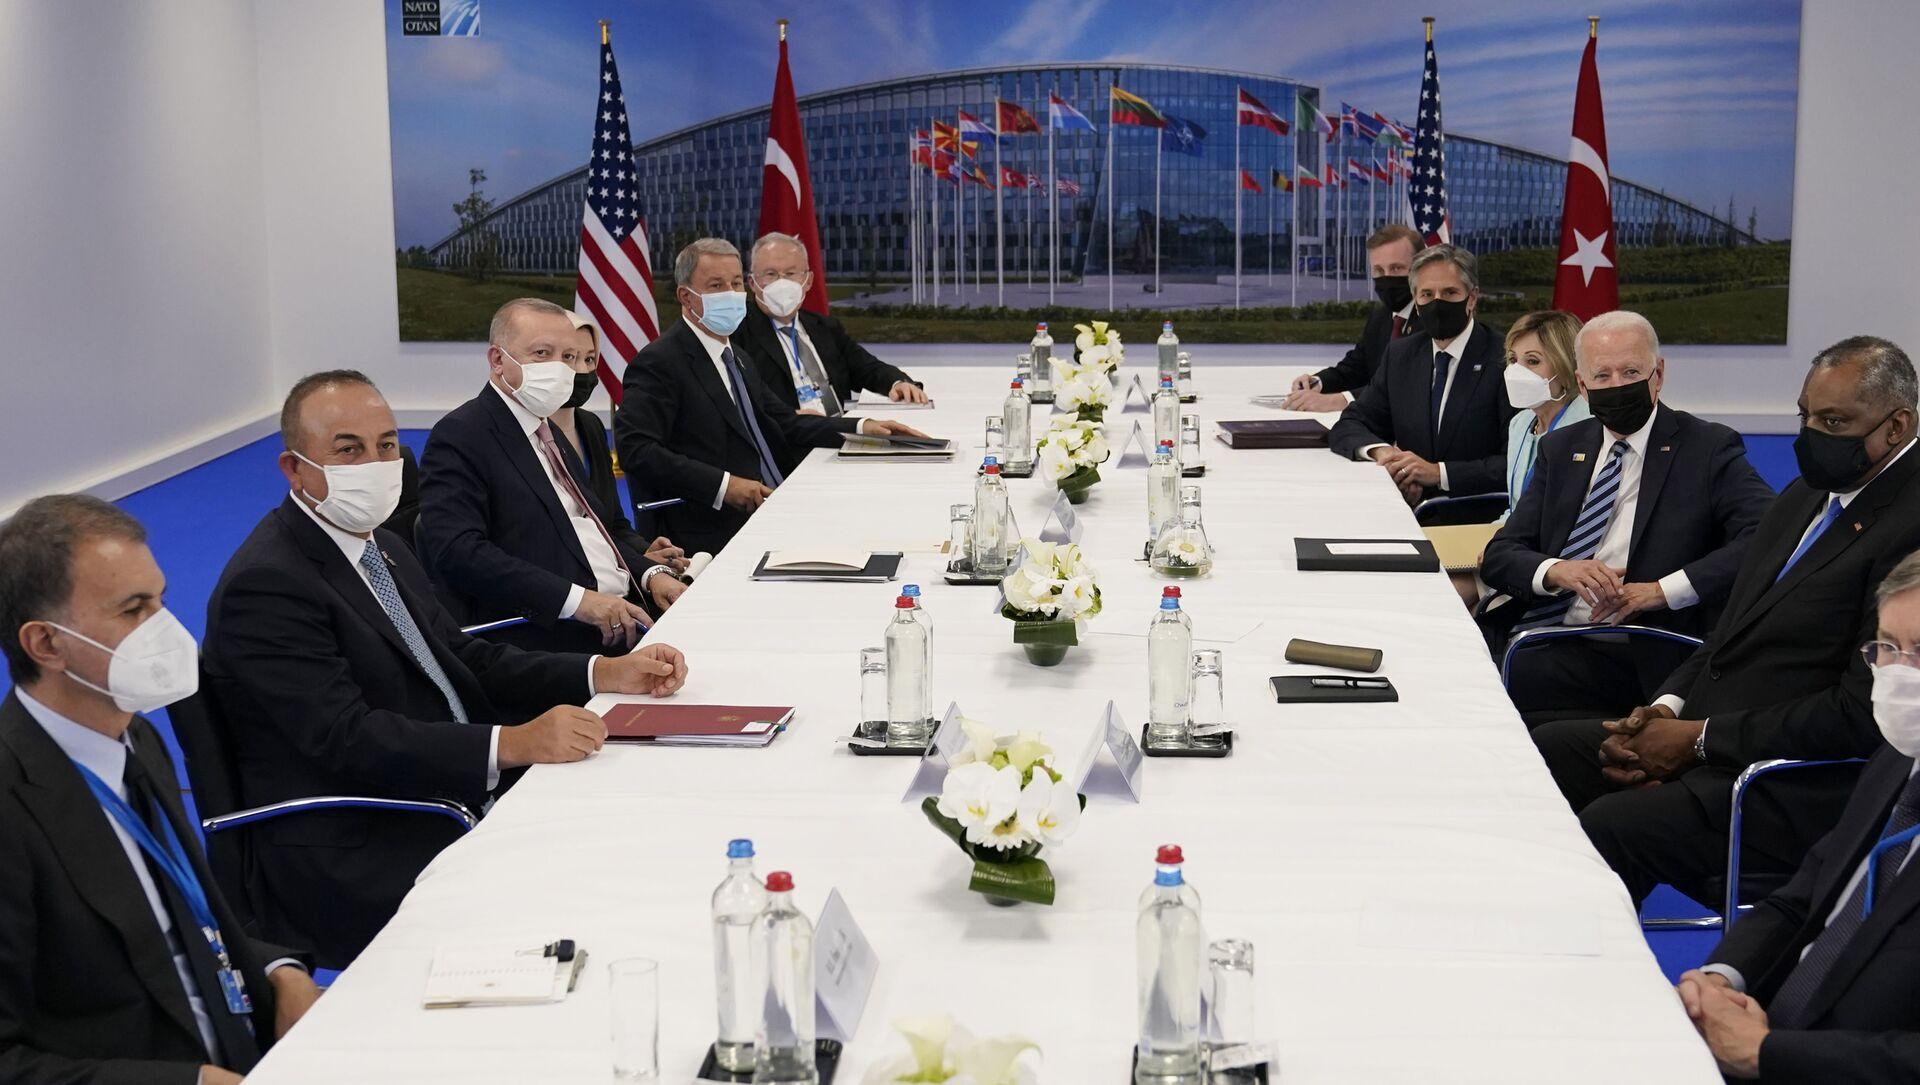 ABD Başkanı Joe Biden- Cumhurbaşkanı Recep Tayyip Erdoğan görüşmesi - Sputnik Türkiye, 1920, 15.06.2021